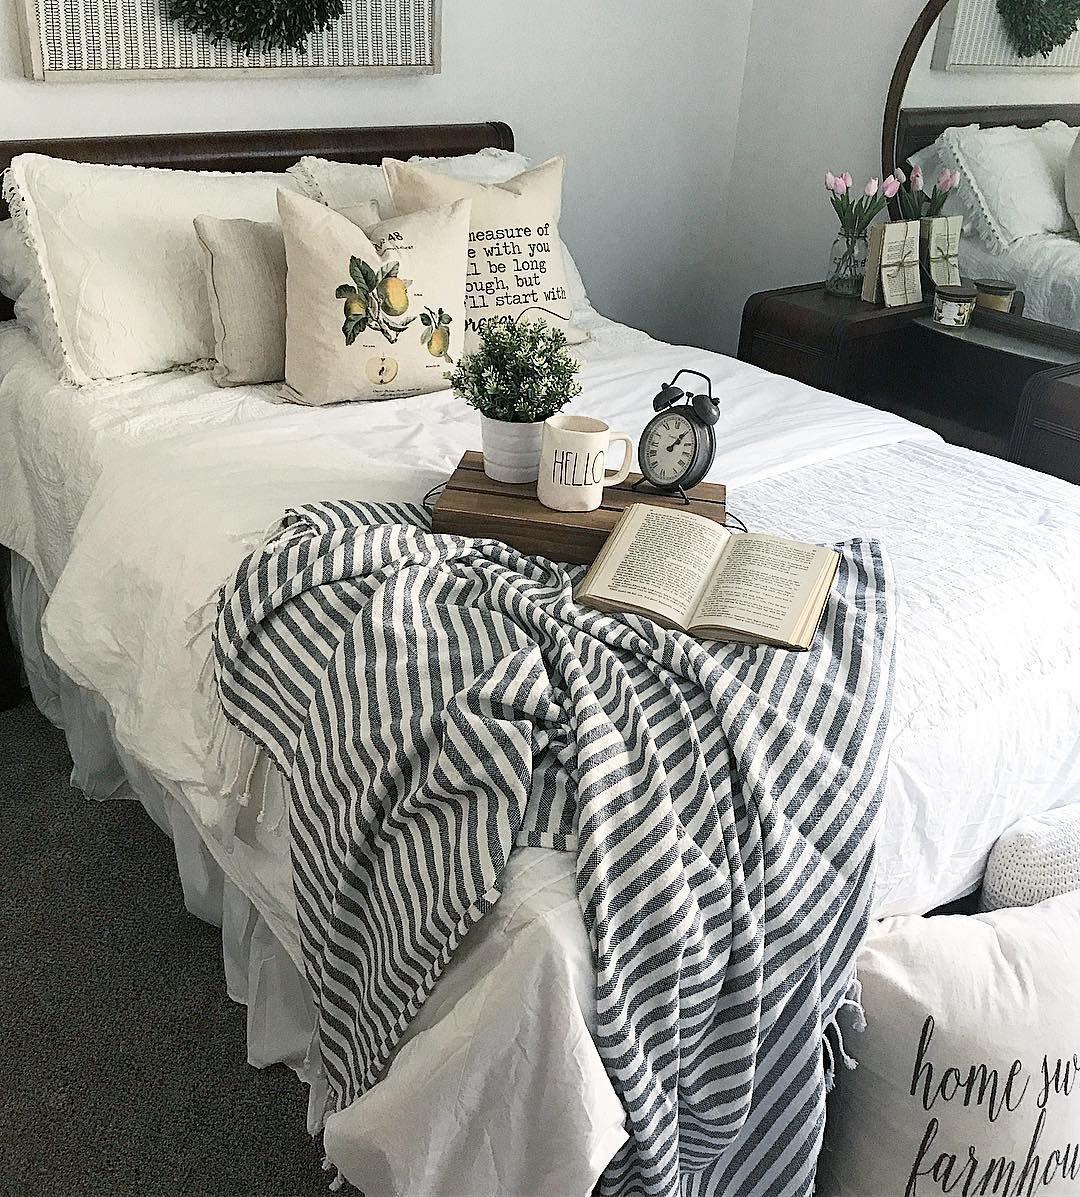 einfaches schlafzimmer für teenager ideen schlafzimmer einfaches loft cottage schöne gästezimmer hauptschlafzimmer gäste schlafzimmerdekor pin von megan compton auf farmhouse country chic pinterest